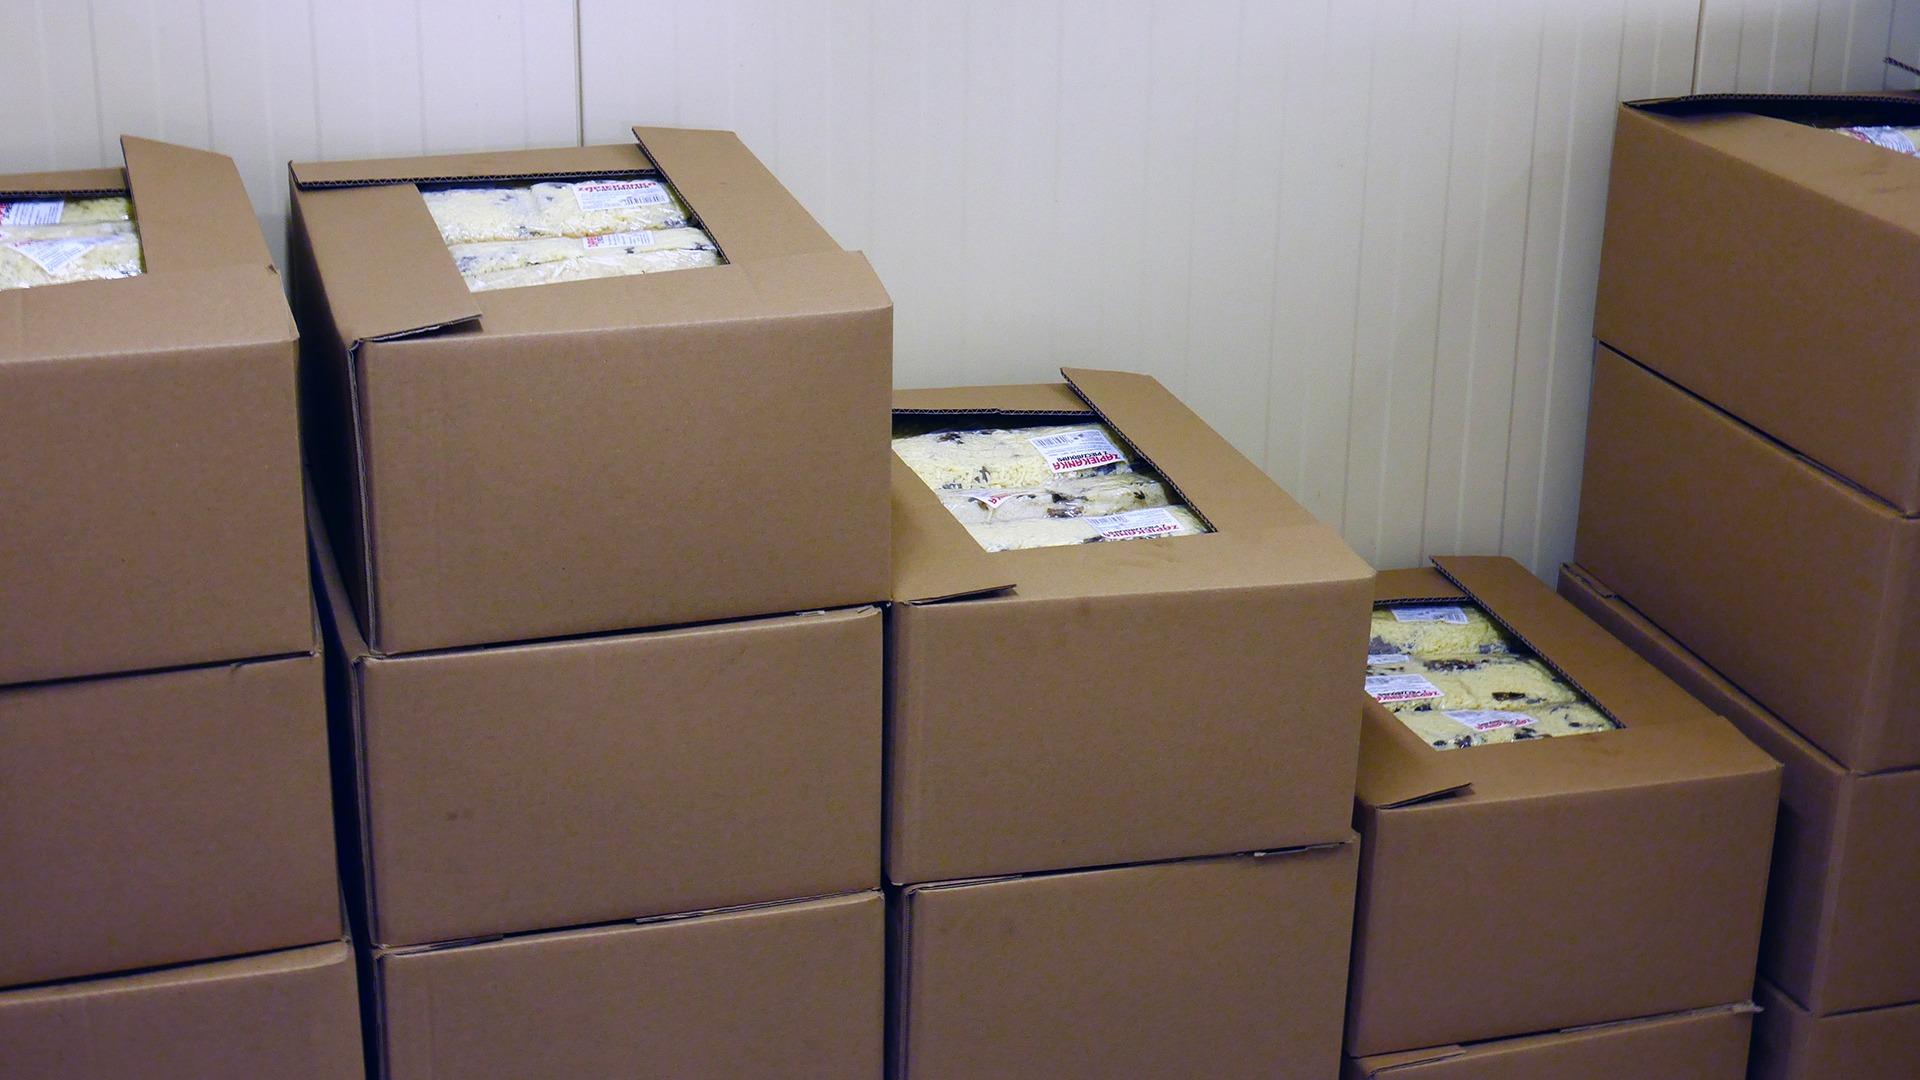 Zdjęcie zapakowanych zapiekanek w kartony.